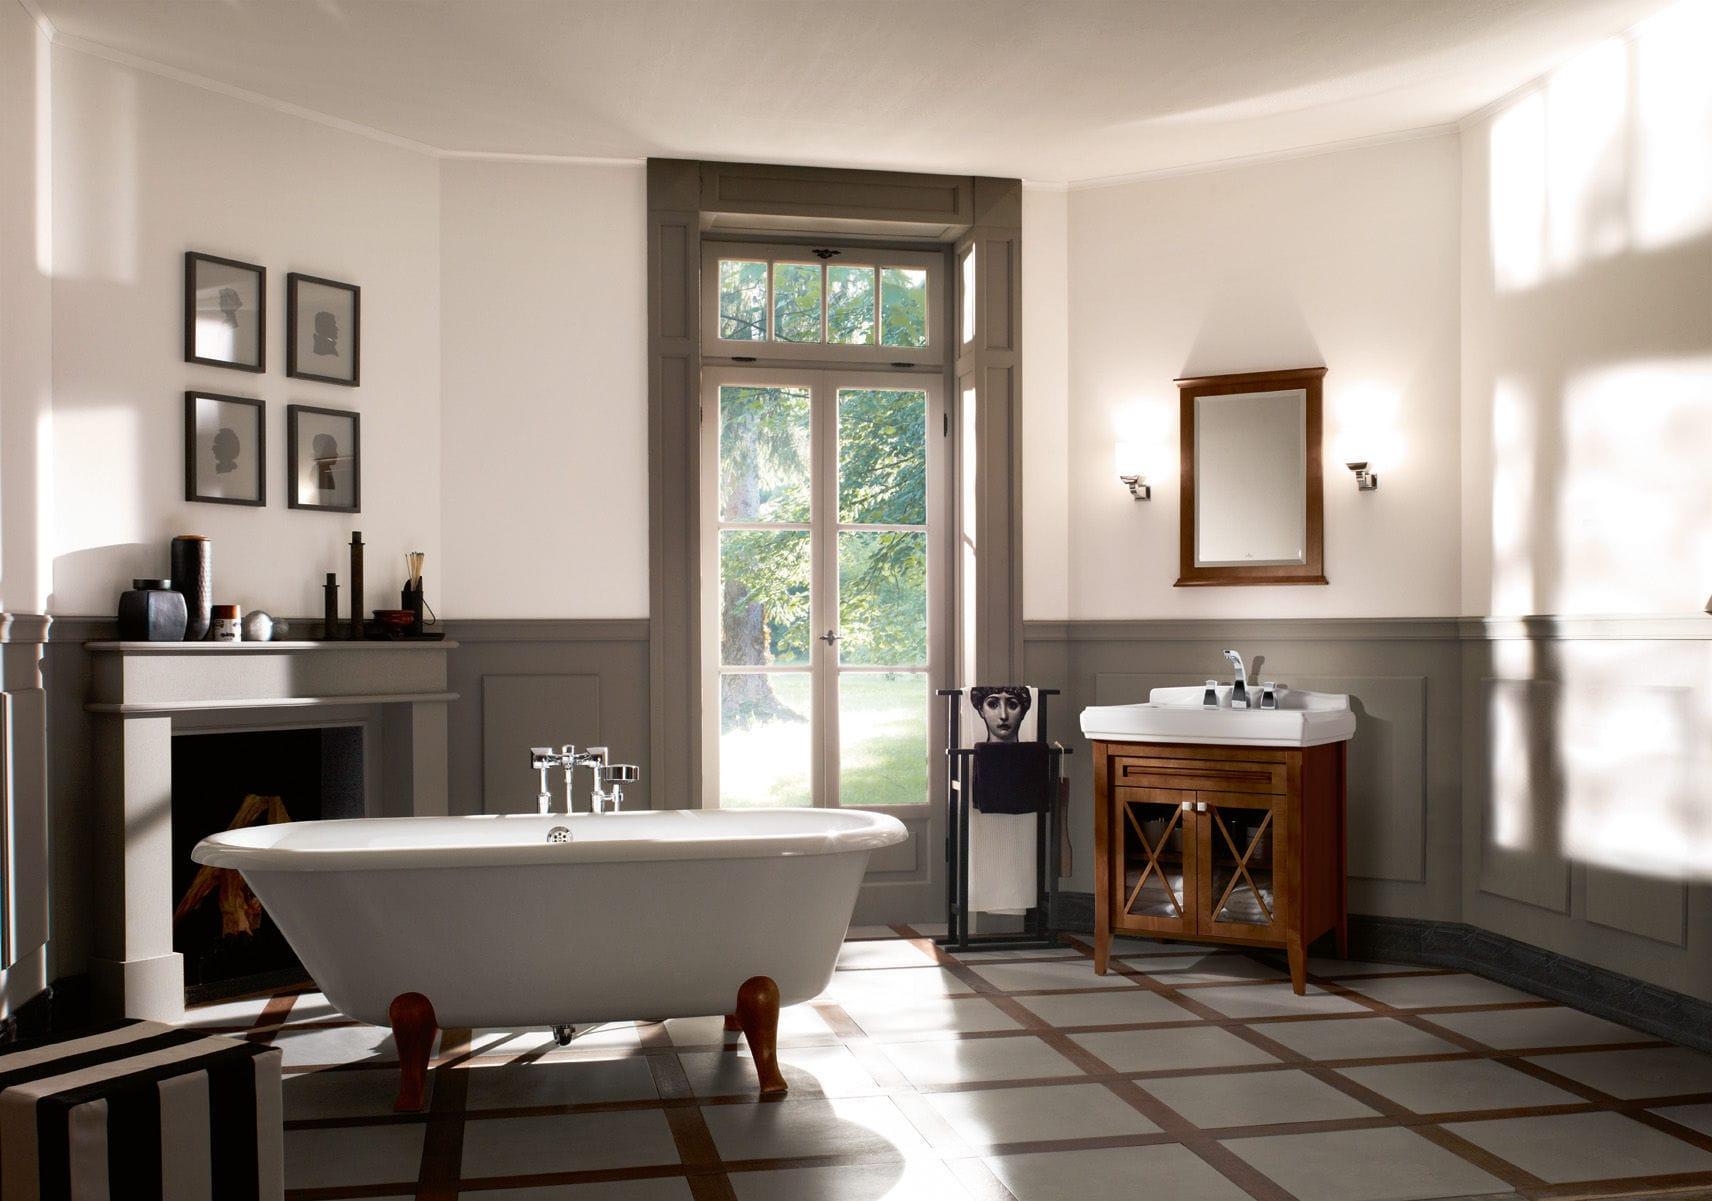 Vasca da bagno su piedi - in Solid Surface, in legno